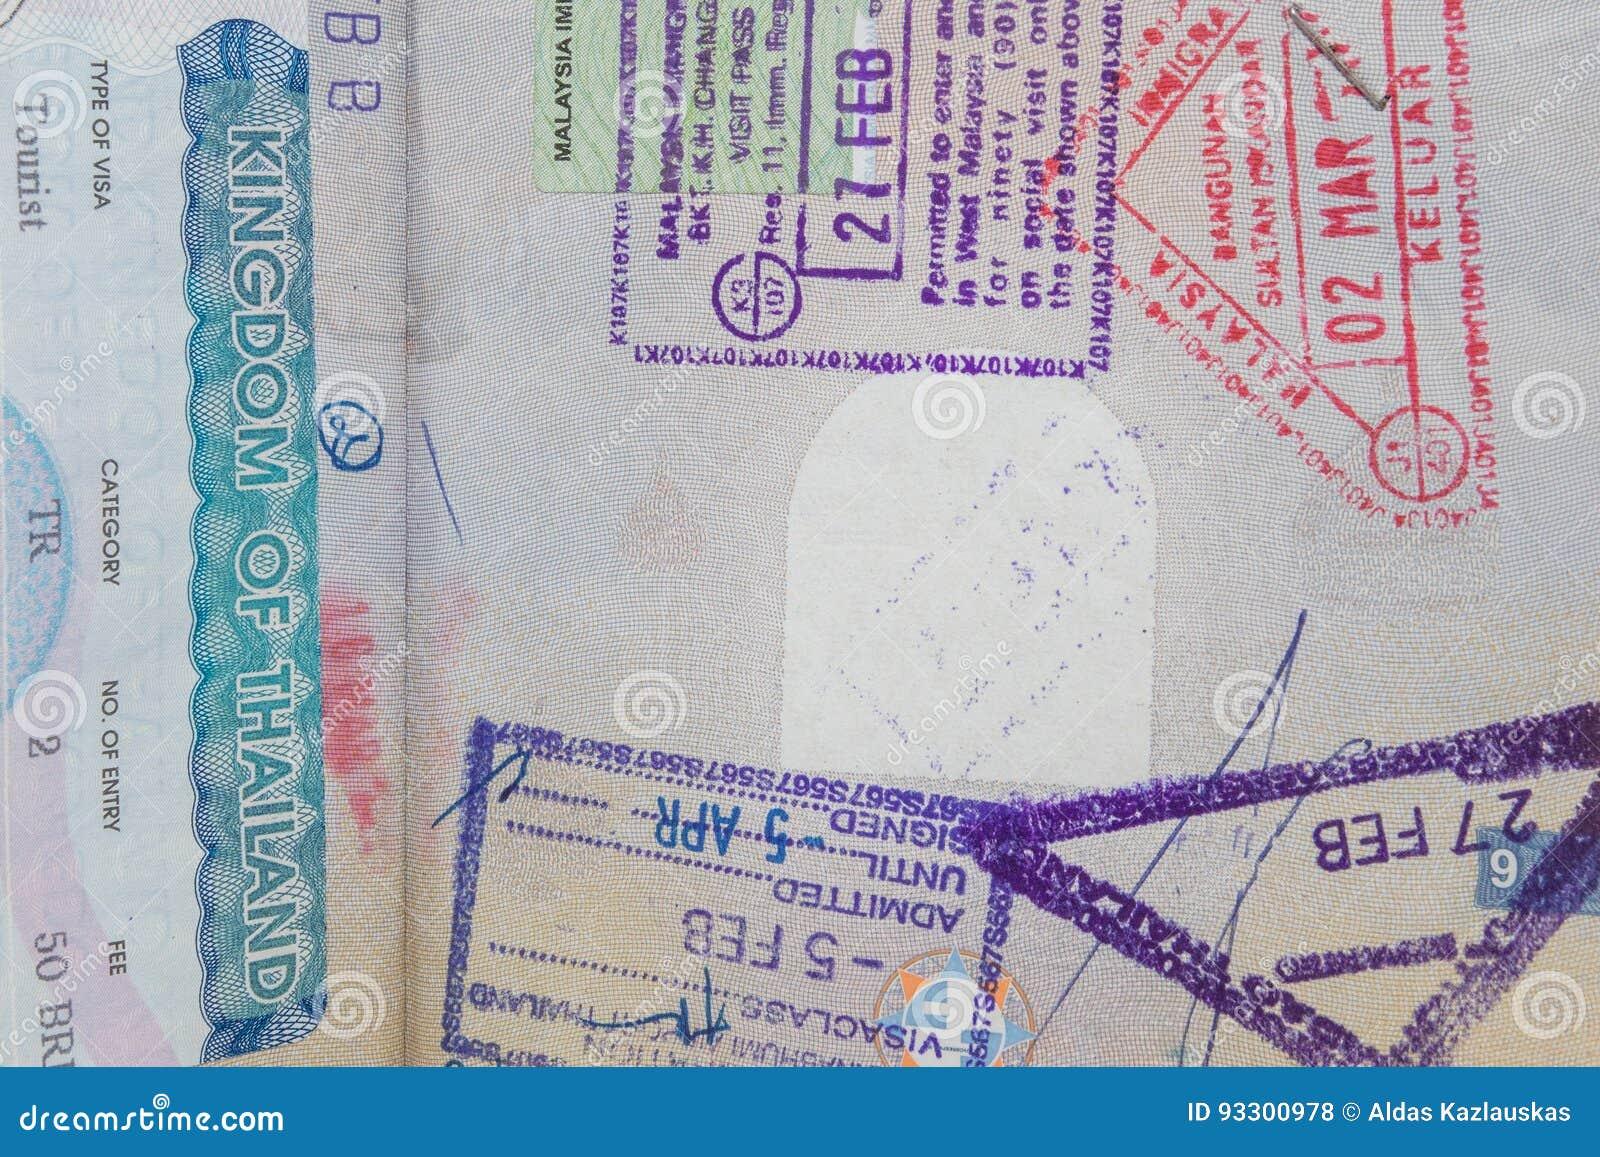 Visas in passport